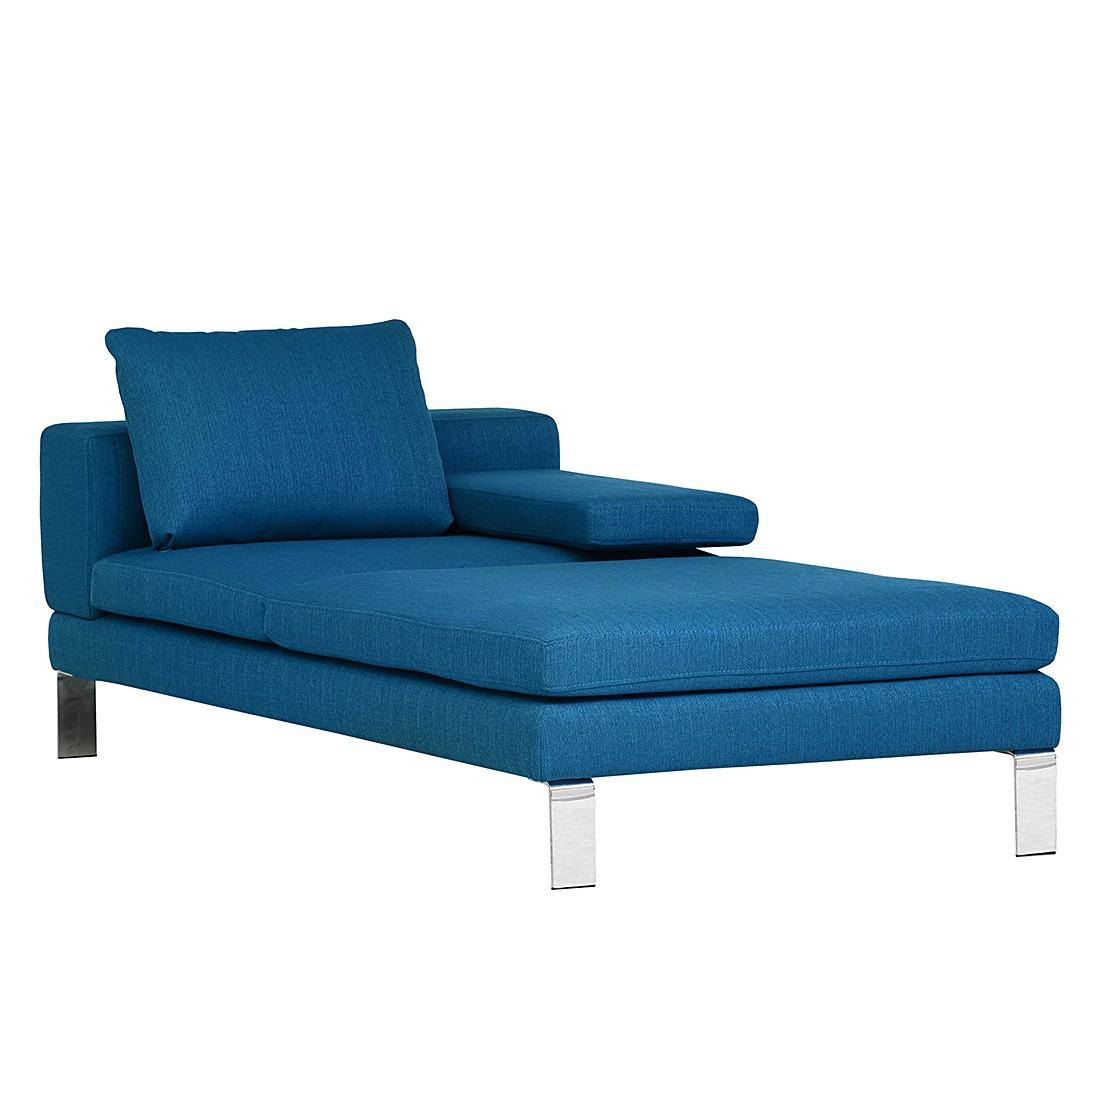 Longchair Siny – Webstoff Blau – Armlehne davorstehend links, loftscape online kaufen